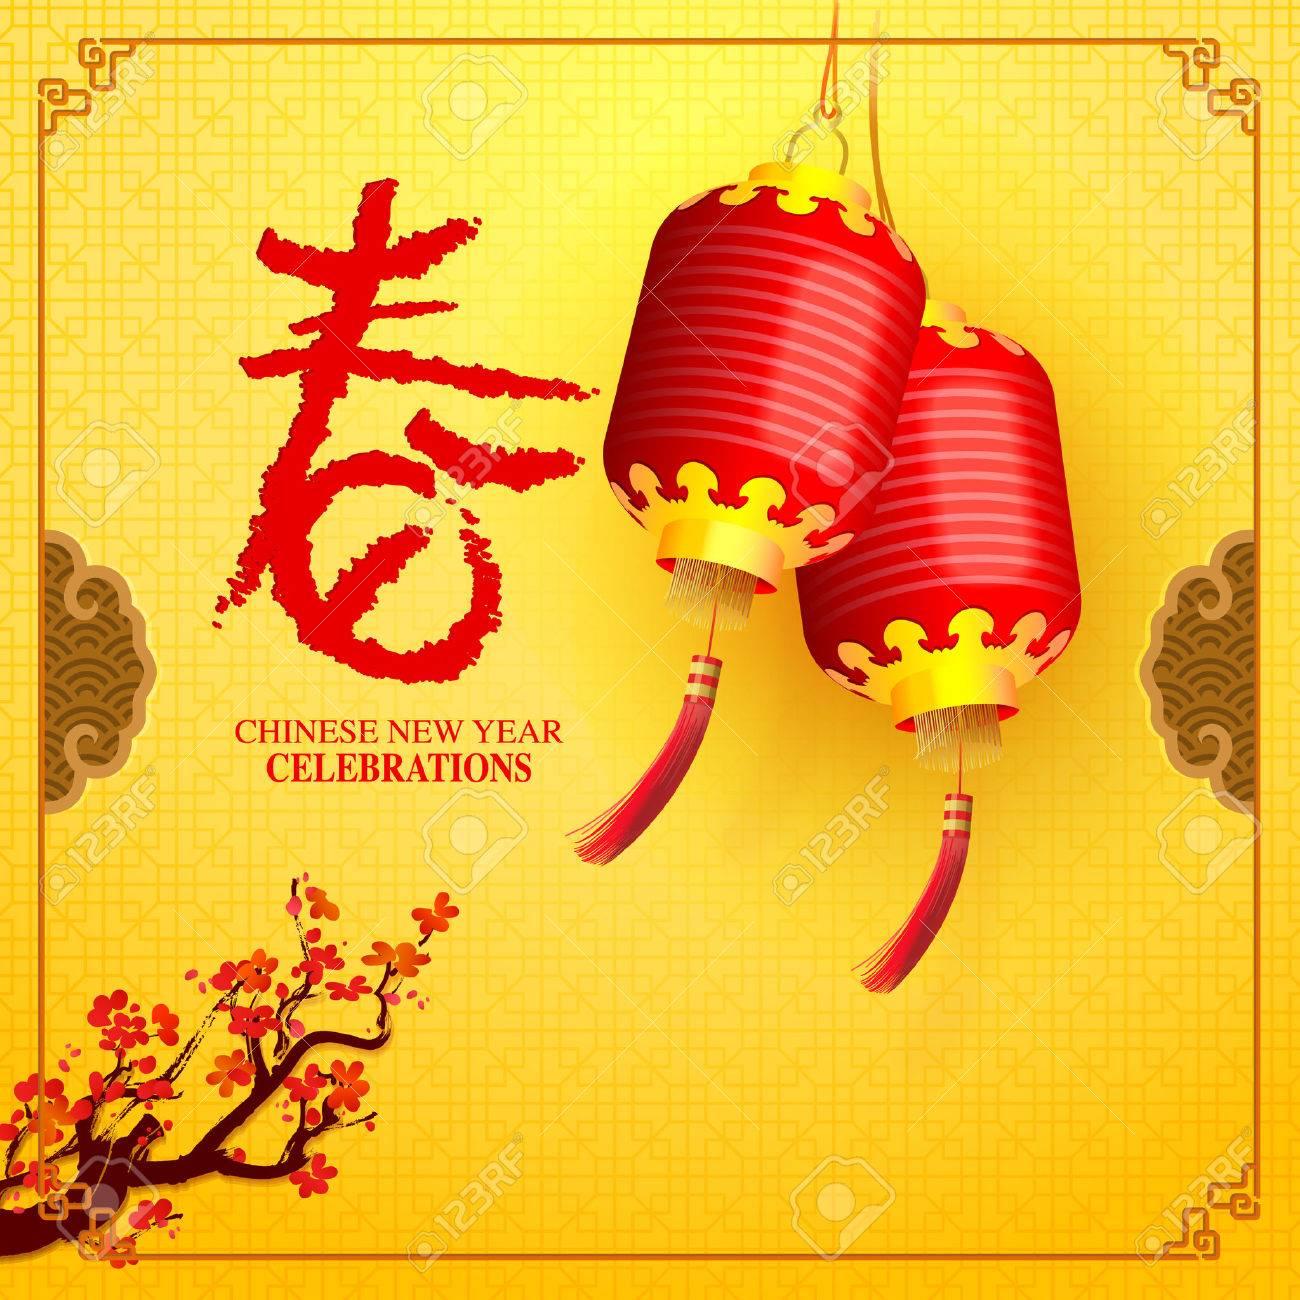 Chinese New Year Hintergrund Mit Grüße Lizenzfrei Nutzbare ...